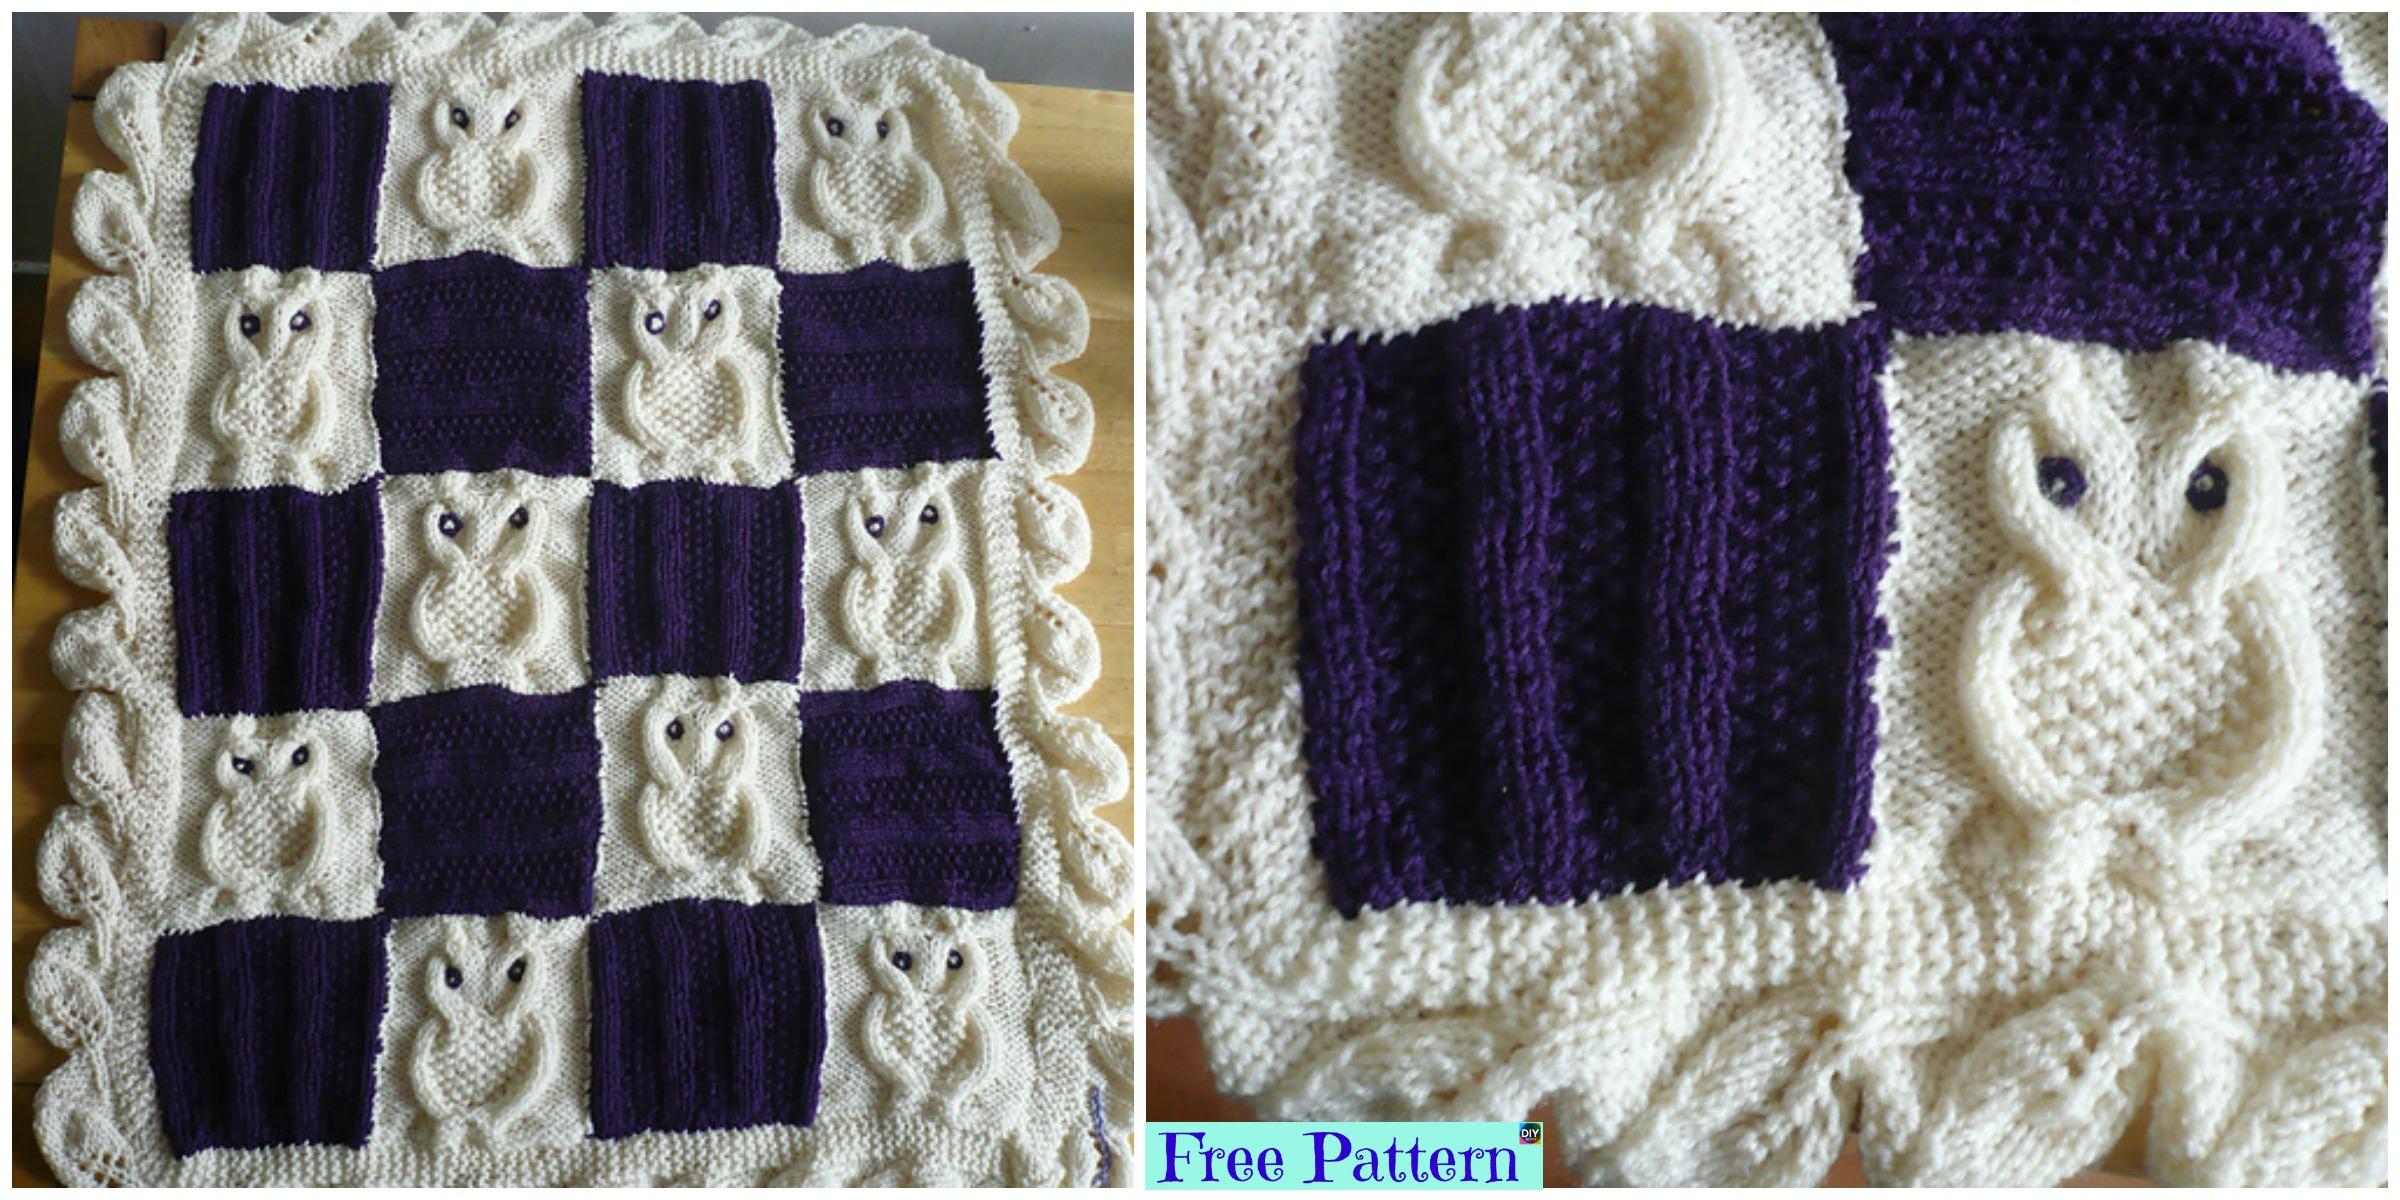 Crochet Owl Blanket Pattern Free Stunning Ravelry Bulky Quick Hooded